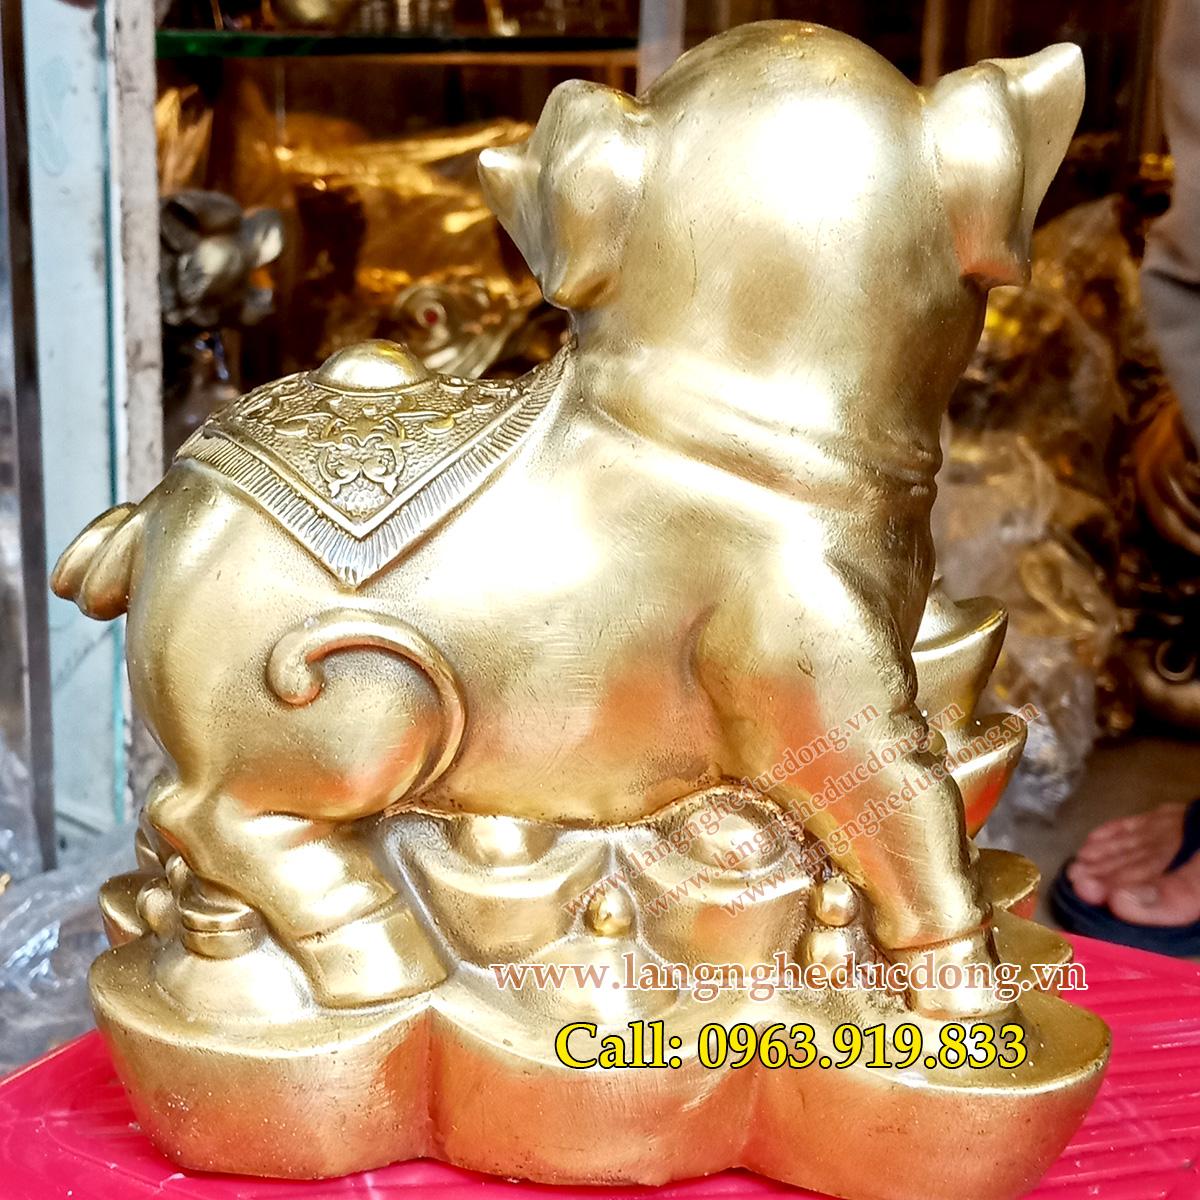 langngheducdong.vn - tượng đồng, tượng heo đồng, tượng đồng phong thủy, heo bằng đồng